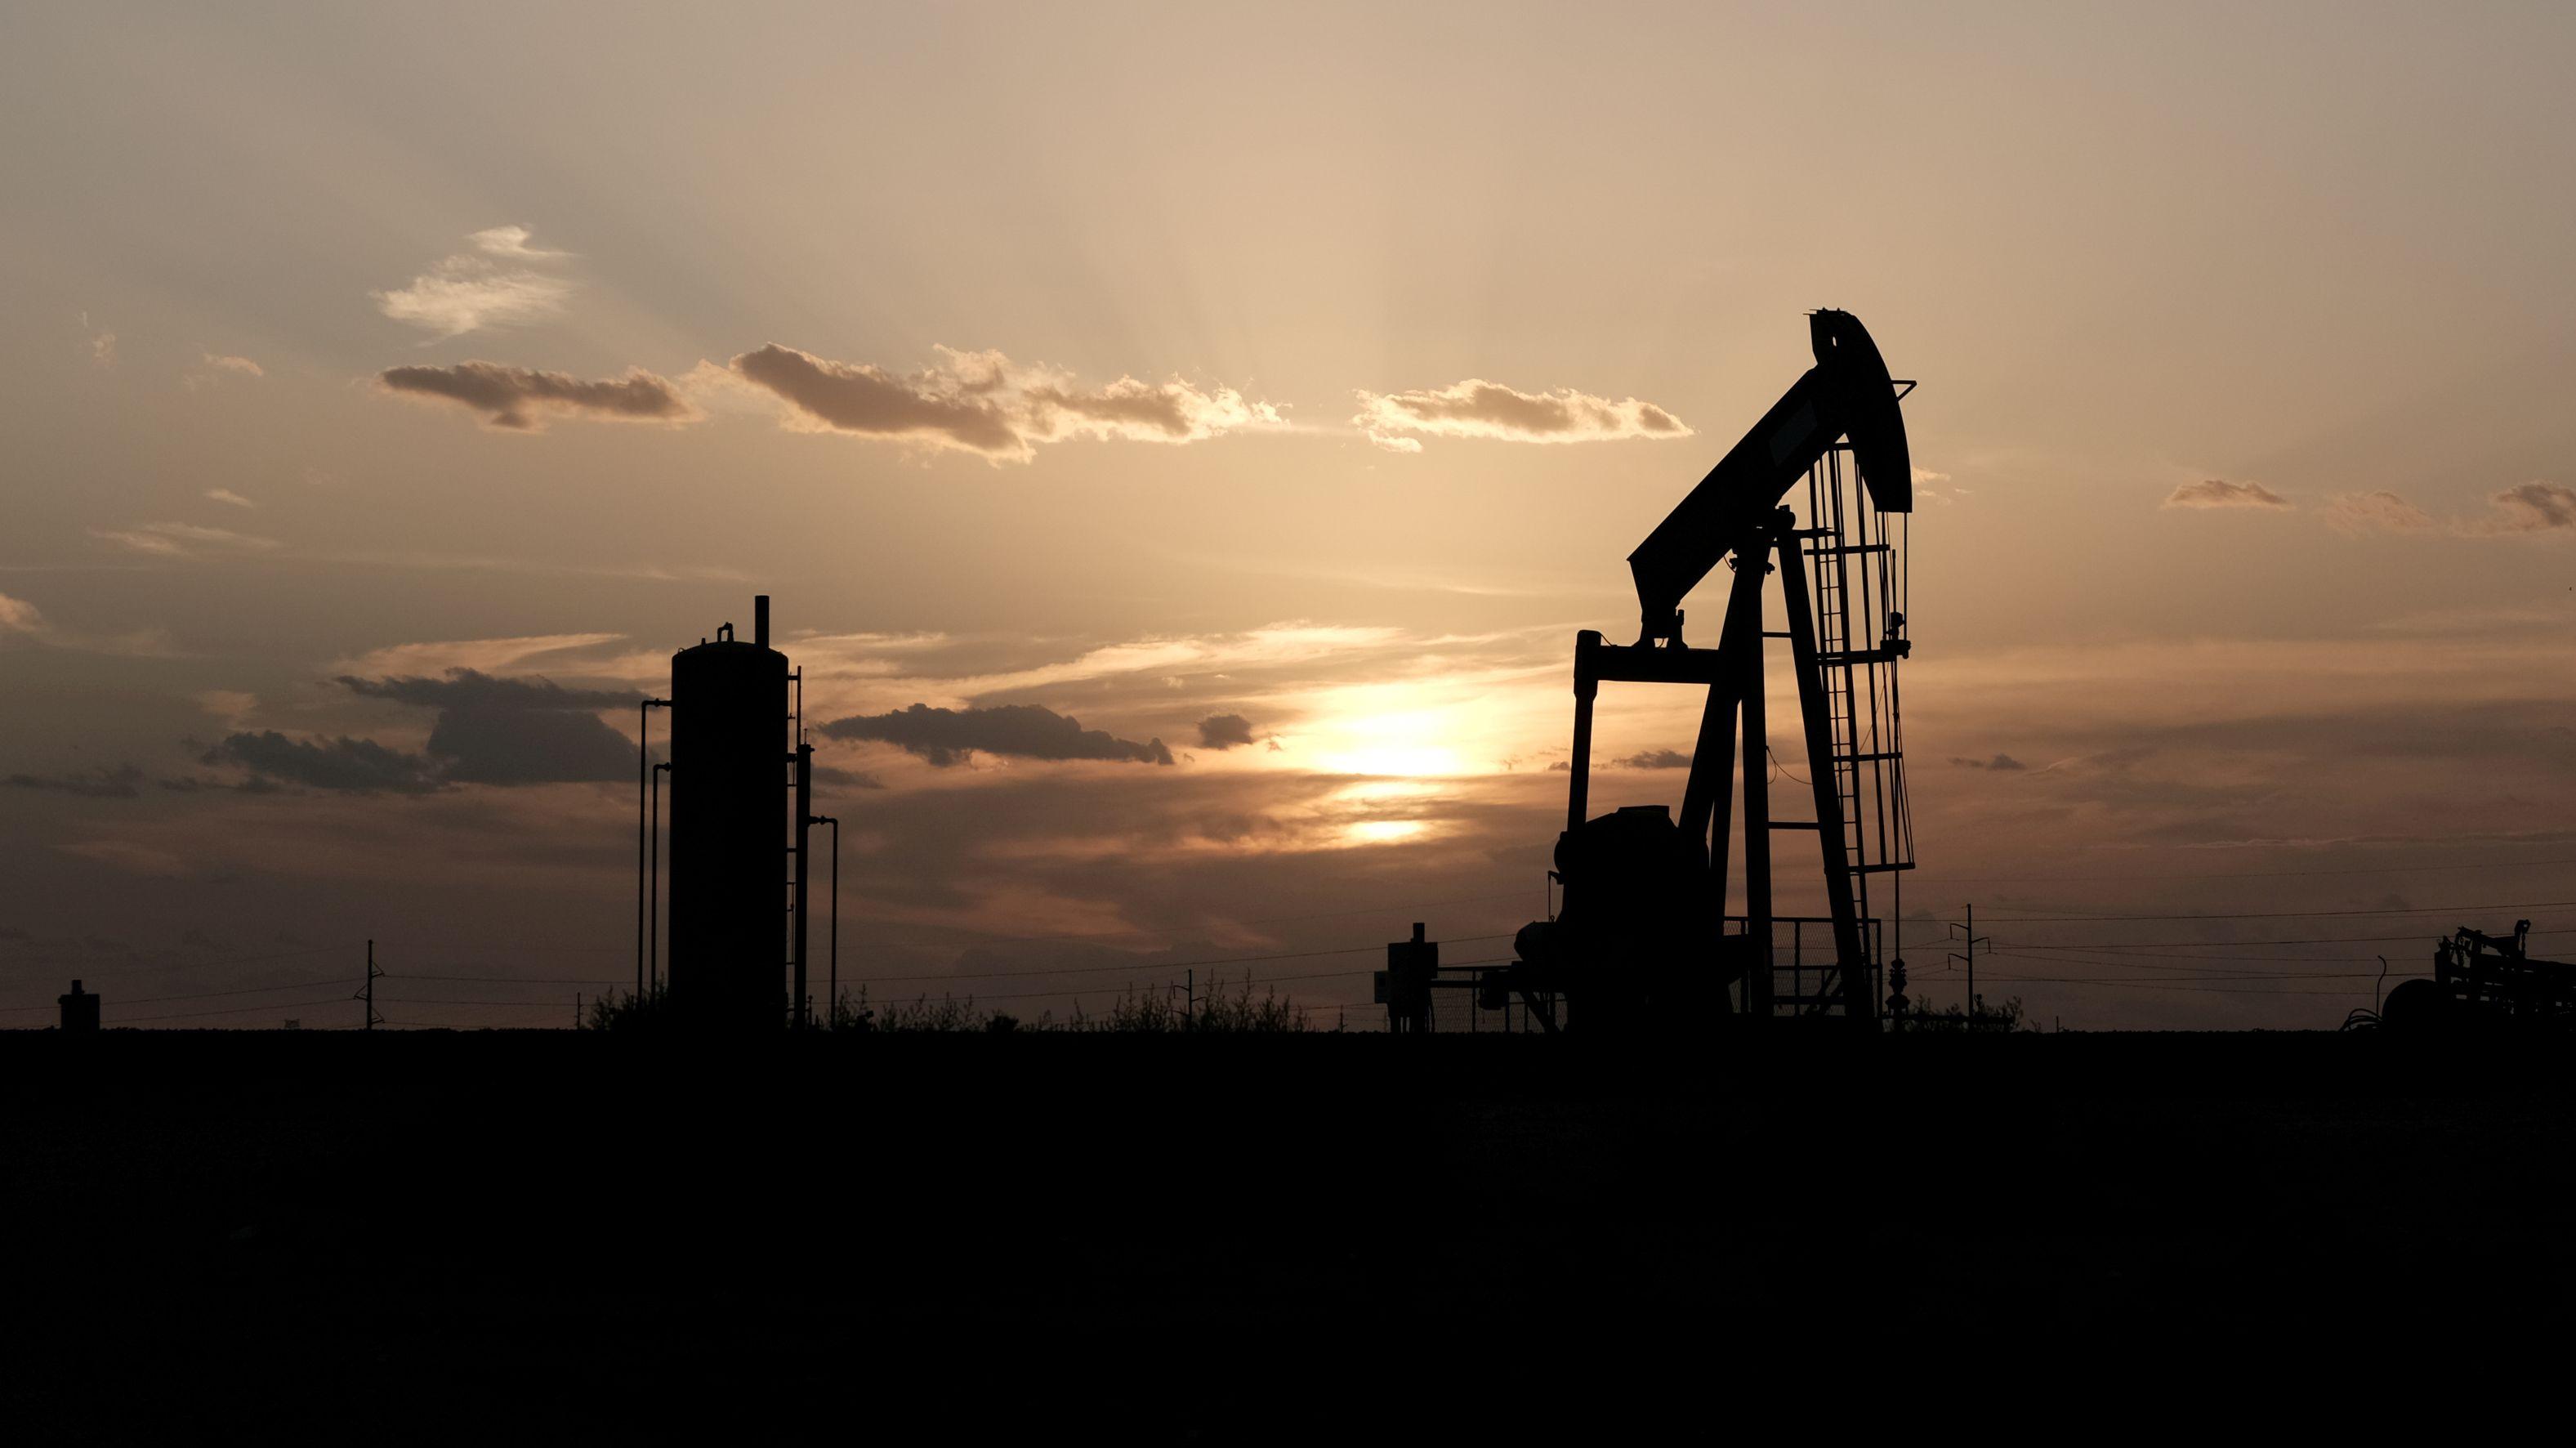 Ölförderpumpe in Texas, USA